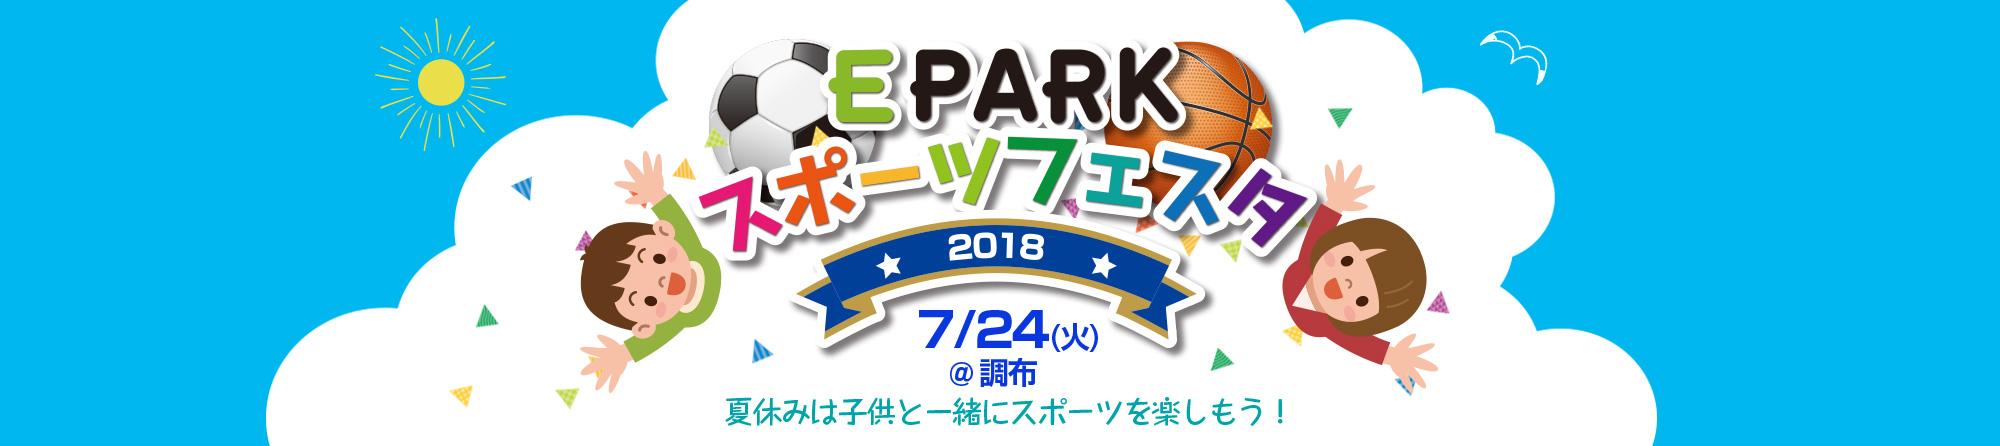 EPARKスポーツフェスタ2018